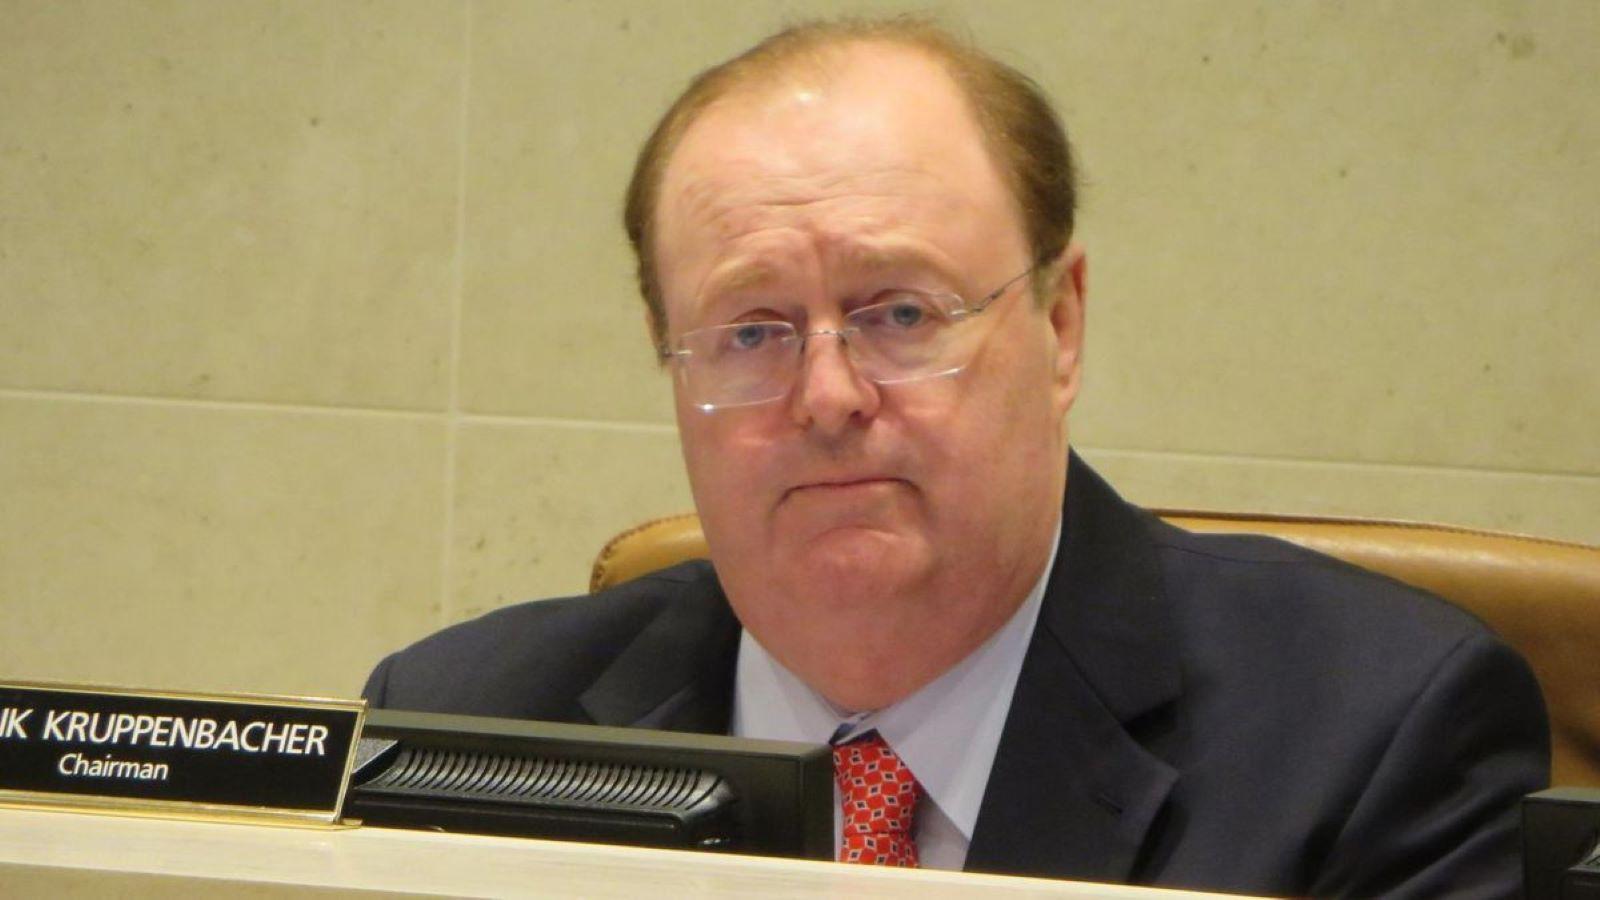 Frank Kruppenbacher